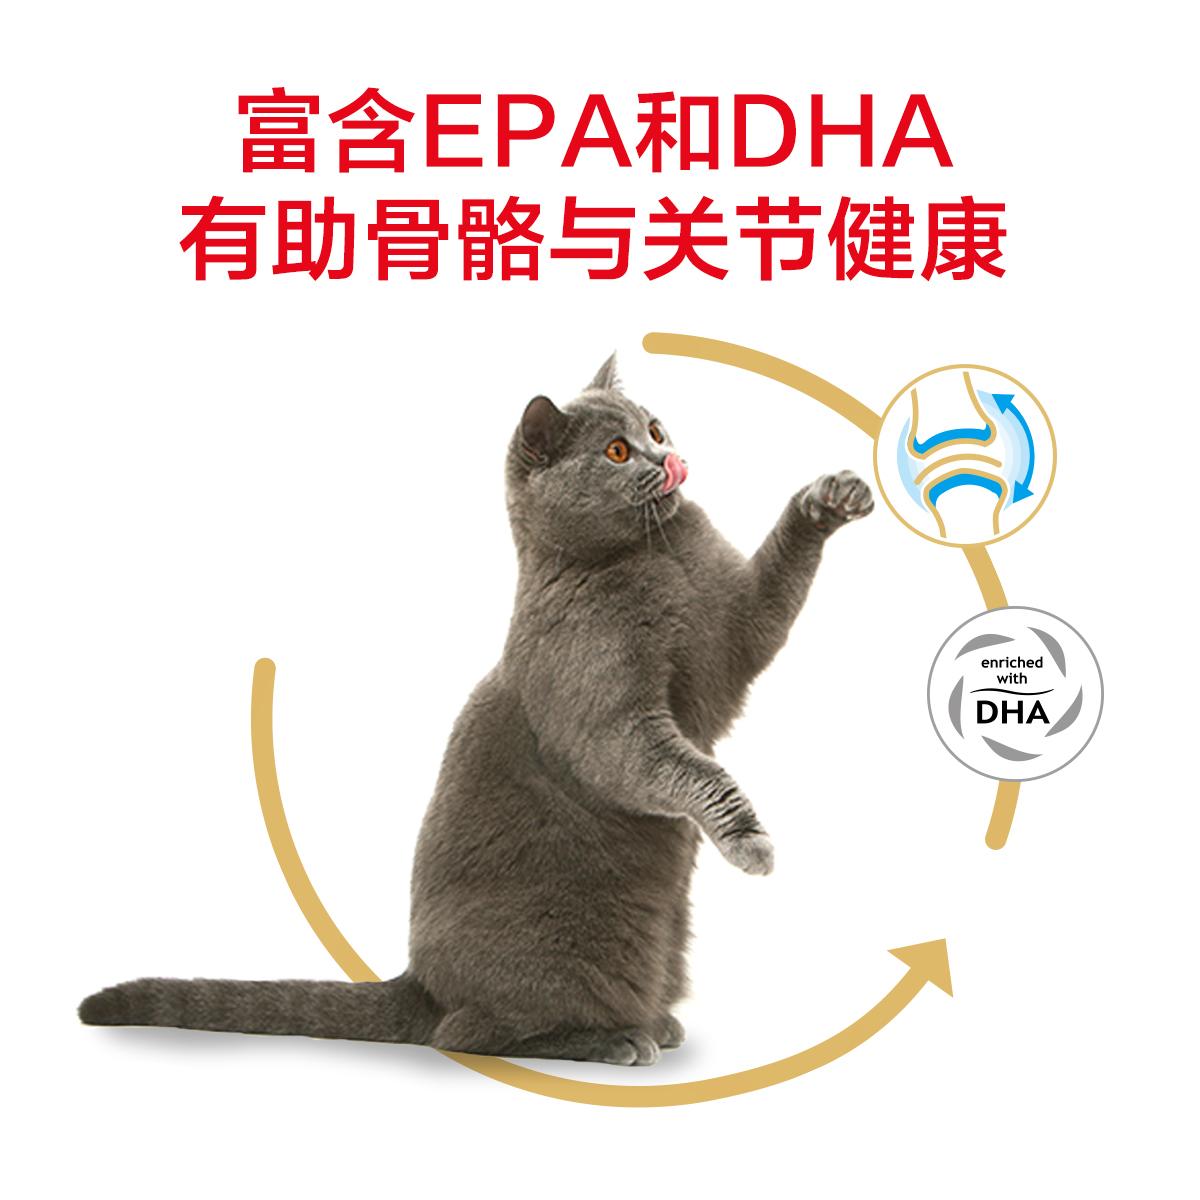 皇家猫粮英短专用成猫粮bs34蓝猫室内成猫英短2kg增肥发腮<a href=